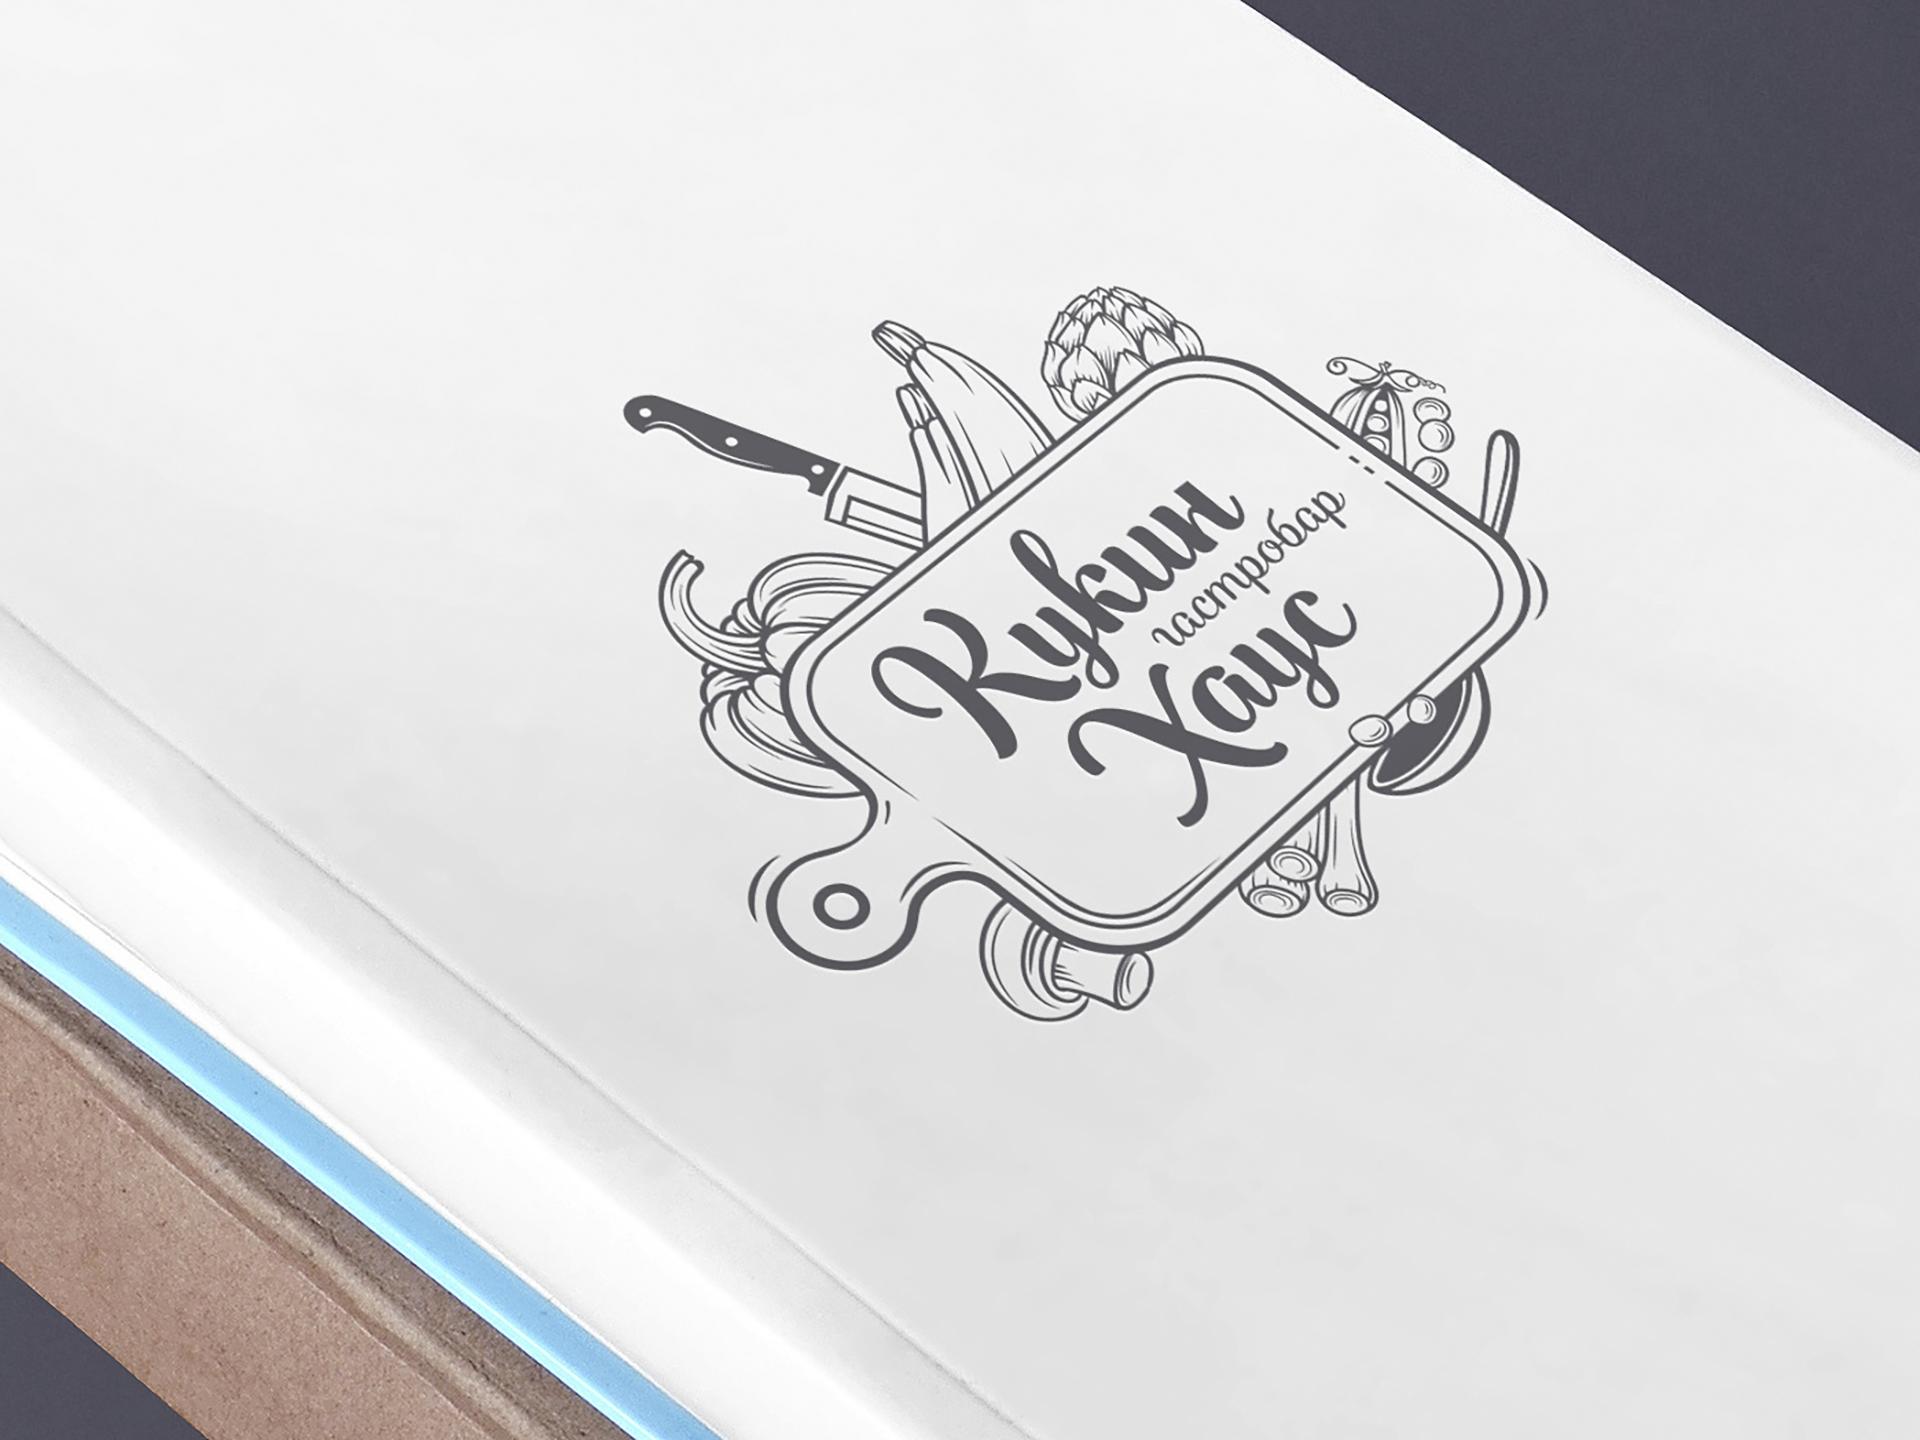 Дизайн логотипа для гастробара